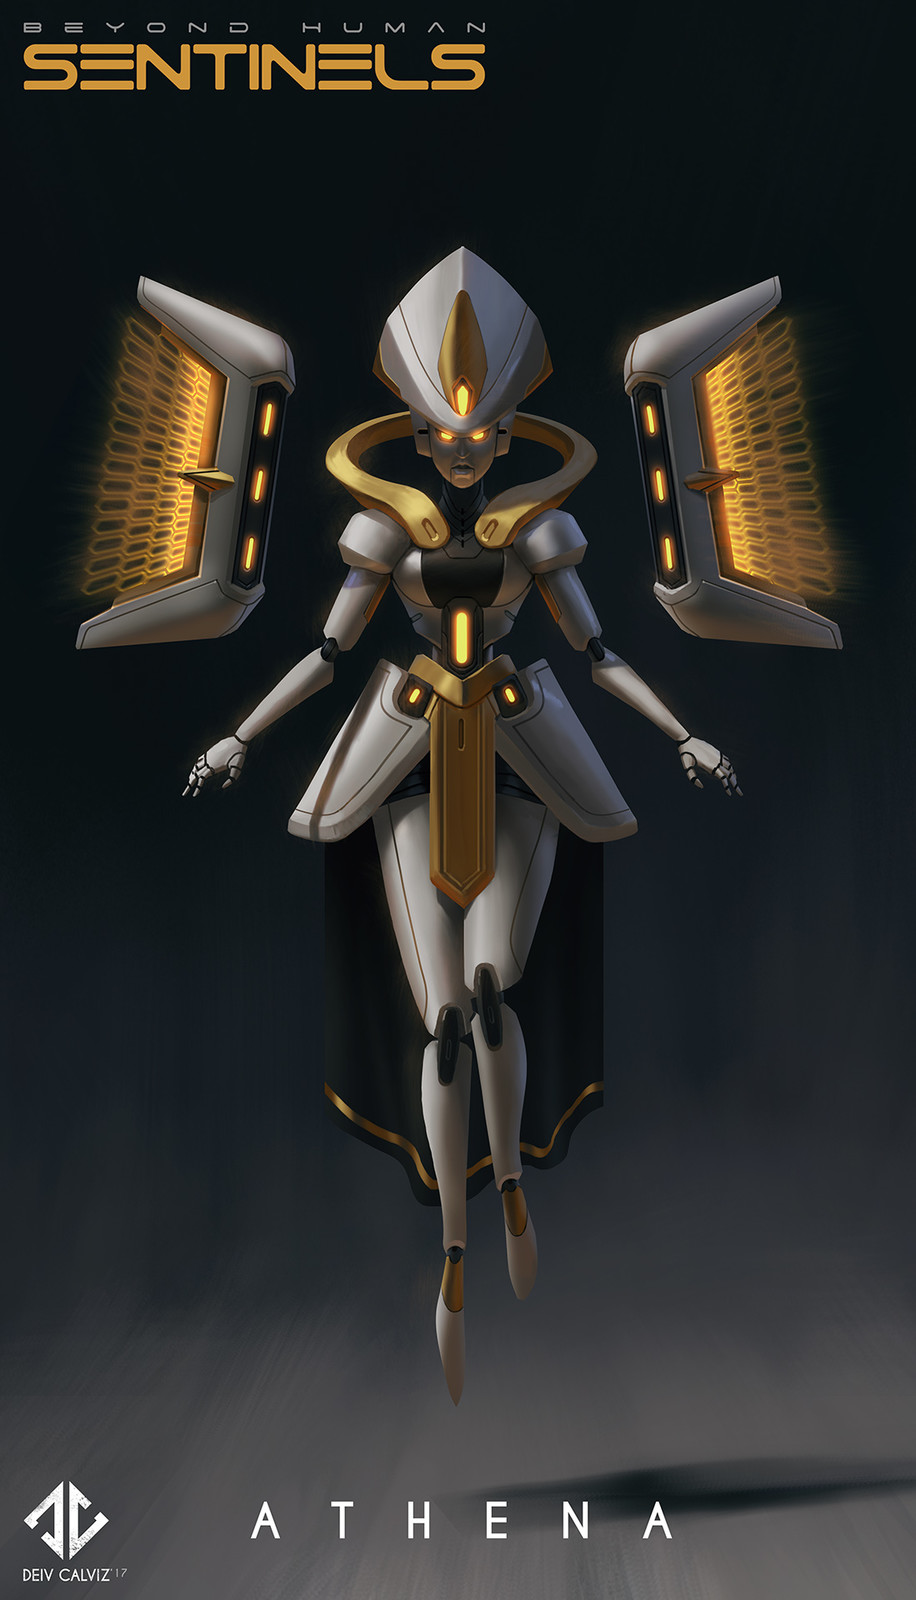 Athena - Beyond Human